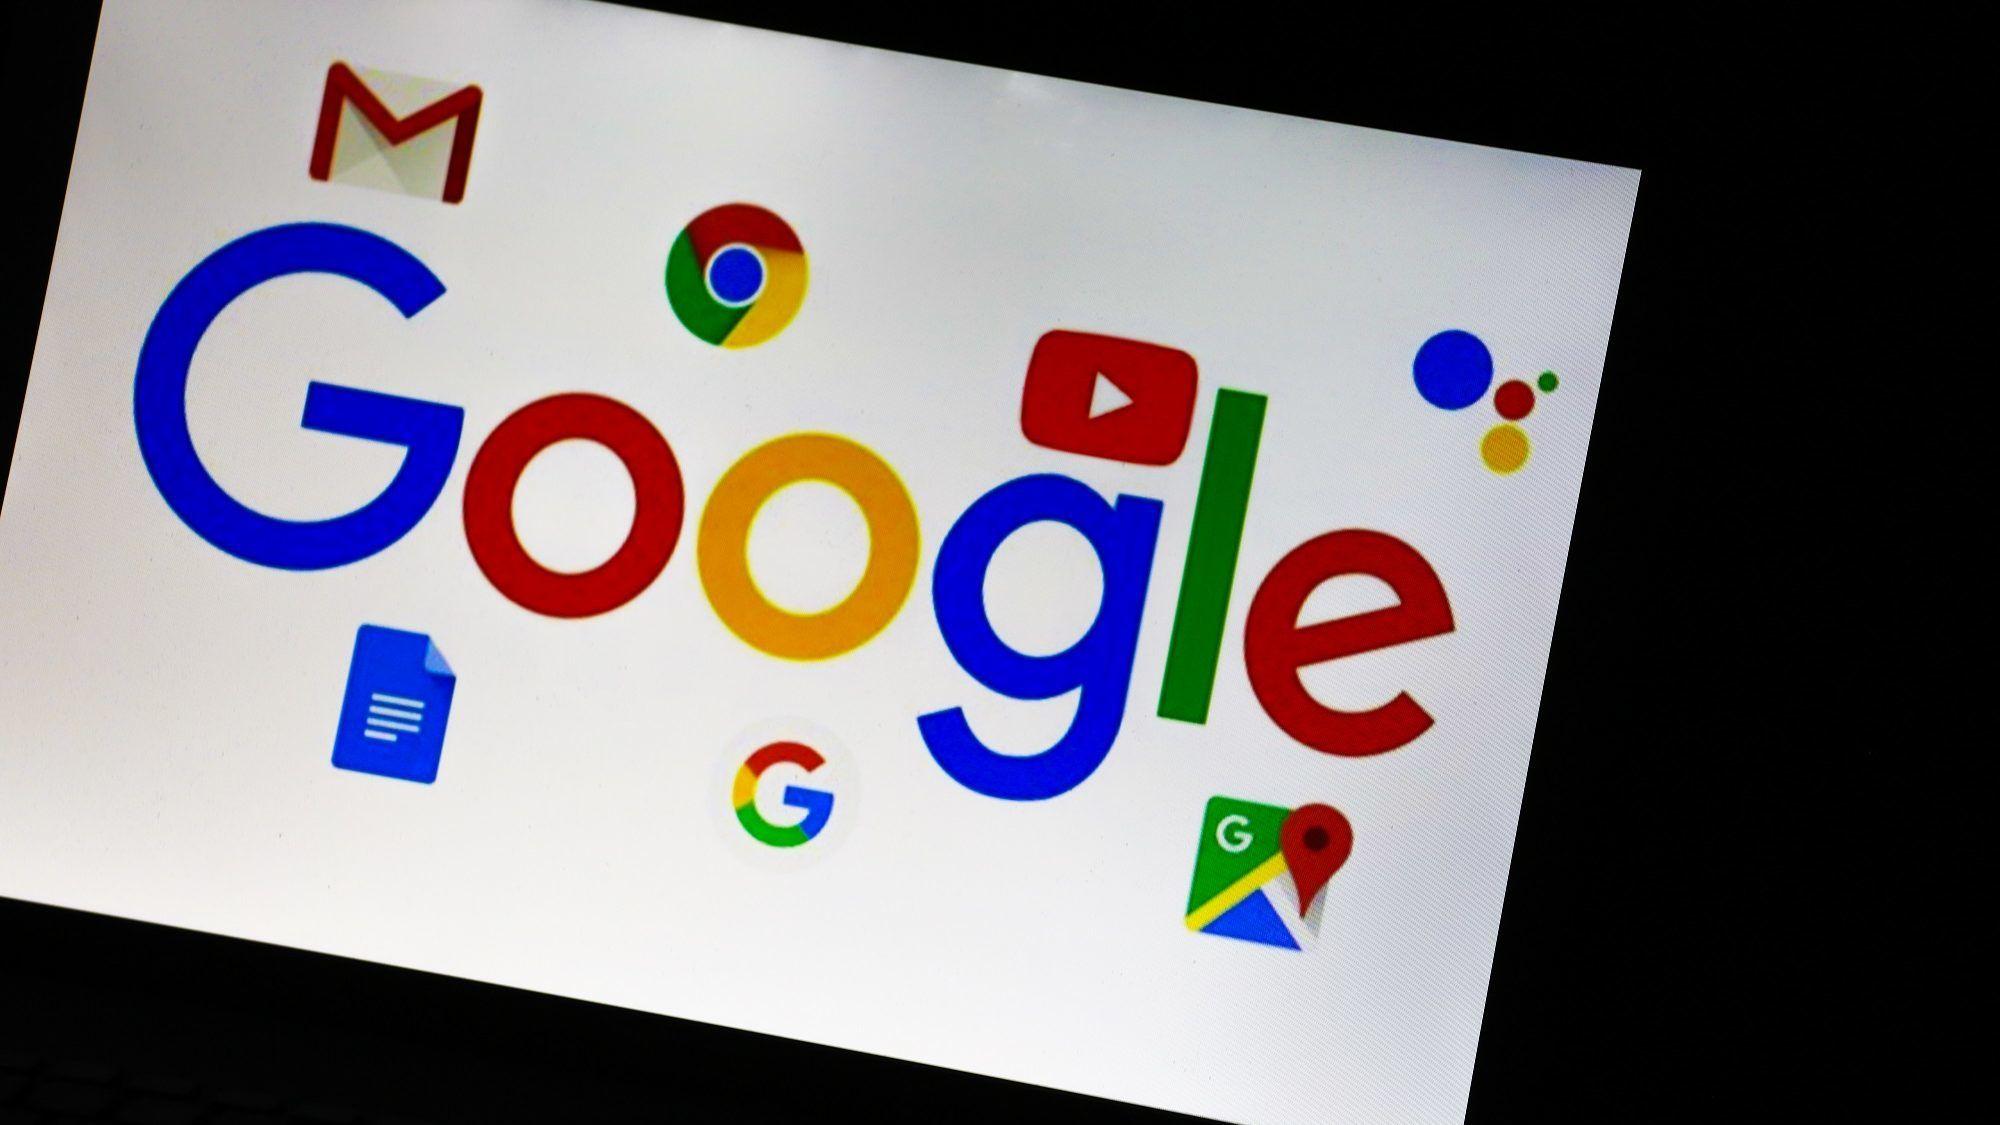 Gyorsabb lesz a böngészés a Chrome újdonságával